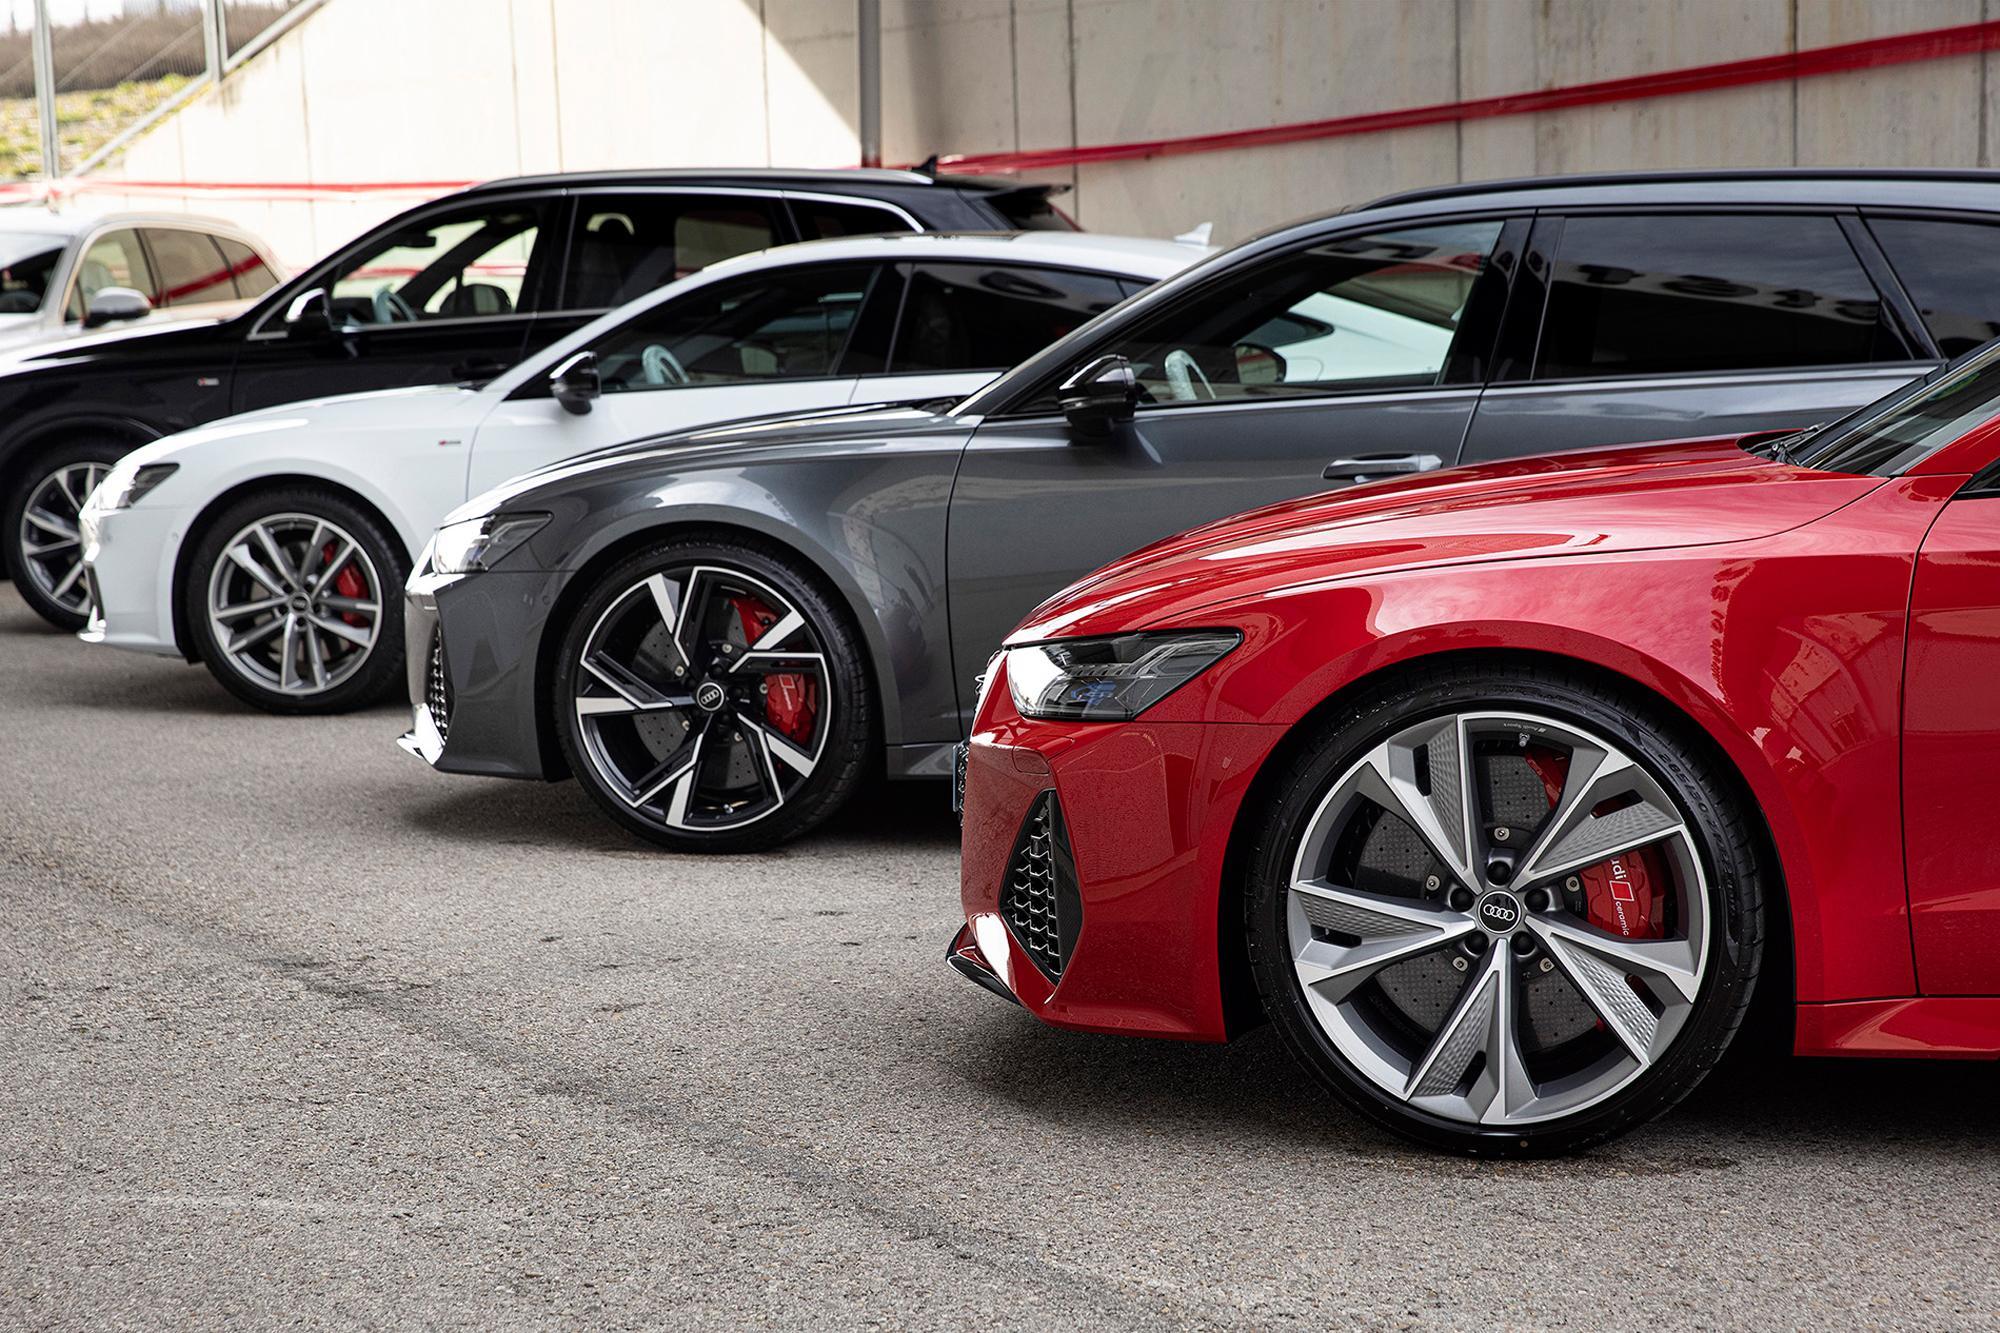 Τι αυτοκίνητα οδηγούν ο παίκτες της Real;